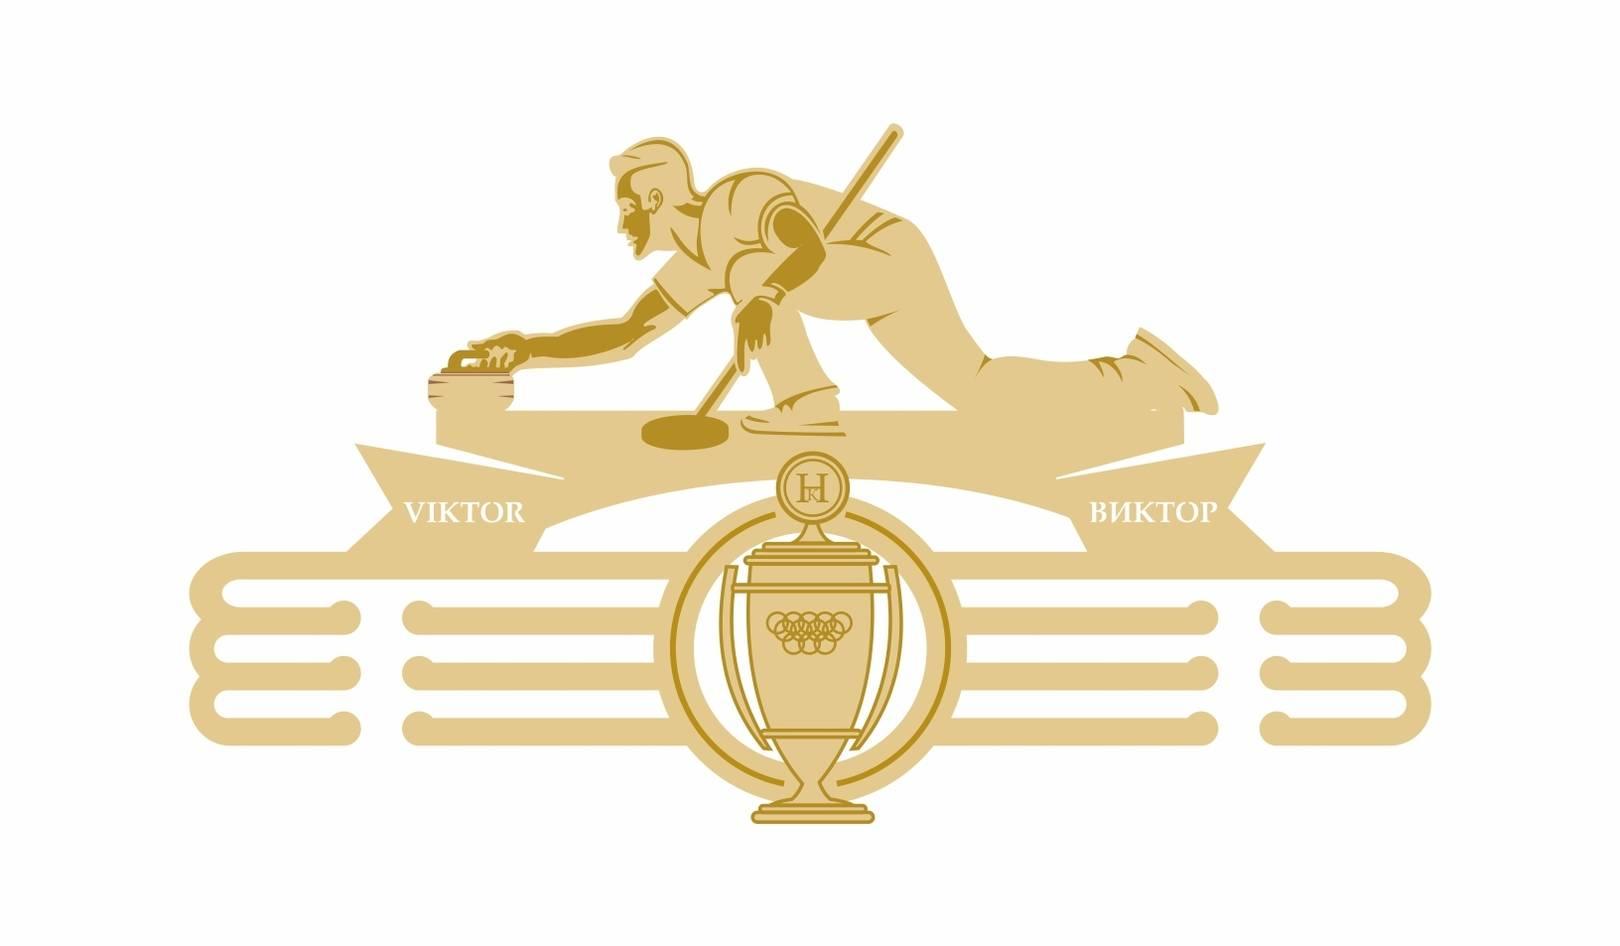 Проект медальницы, для спортивных наград по Кёрлингу.